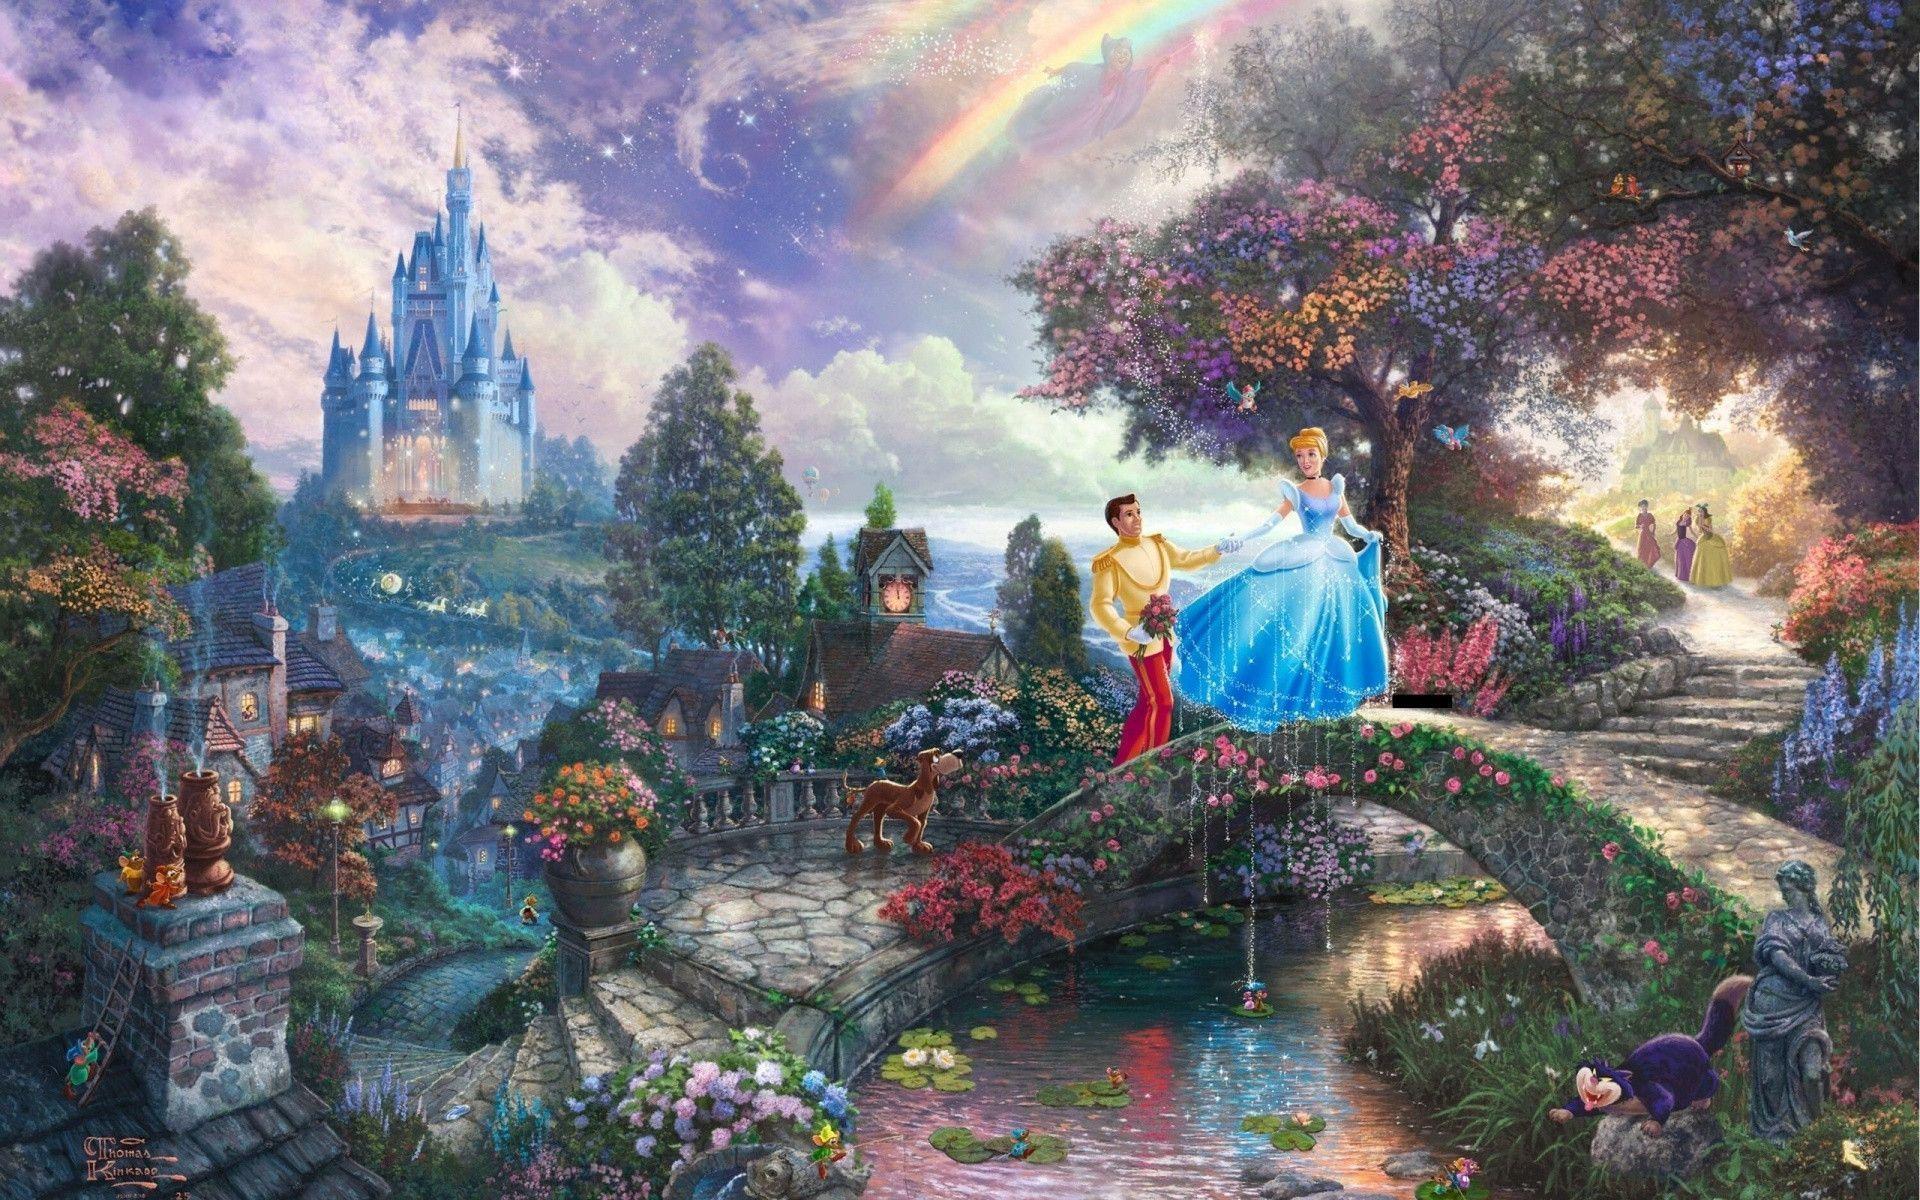 Thomas Kinkade Disney wallpaper - 898401